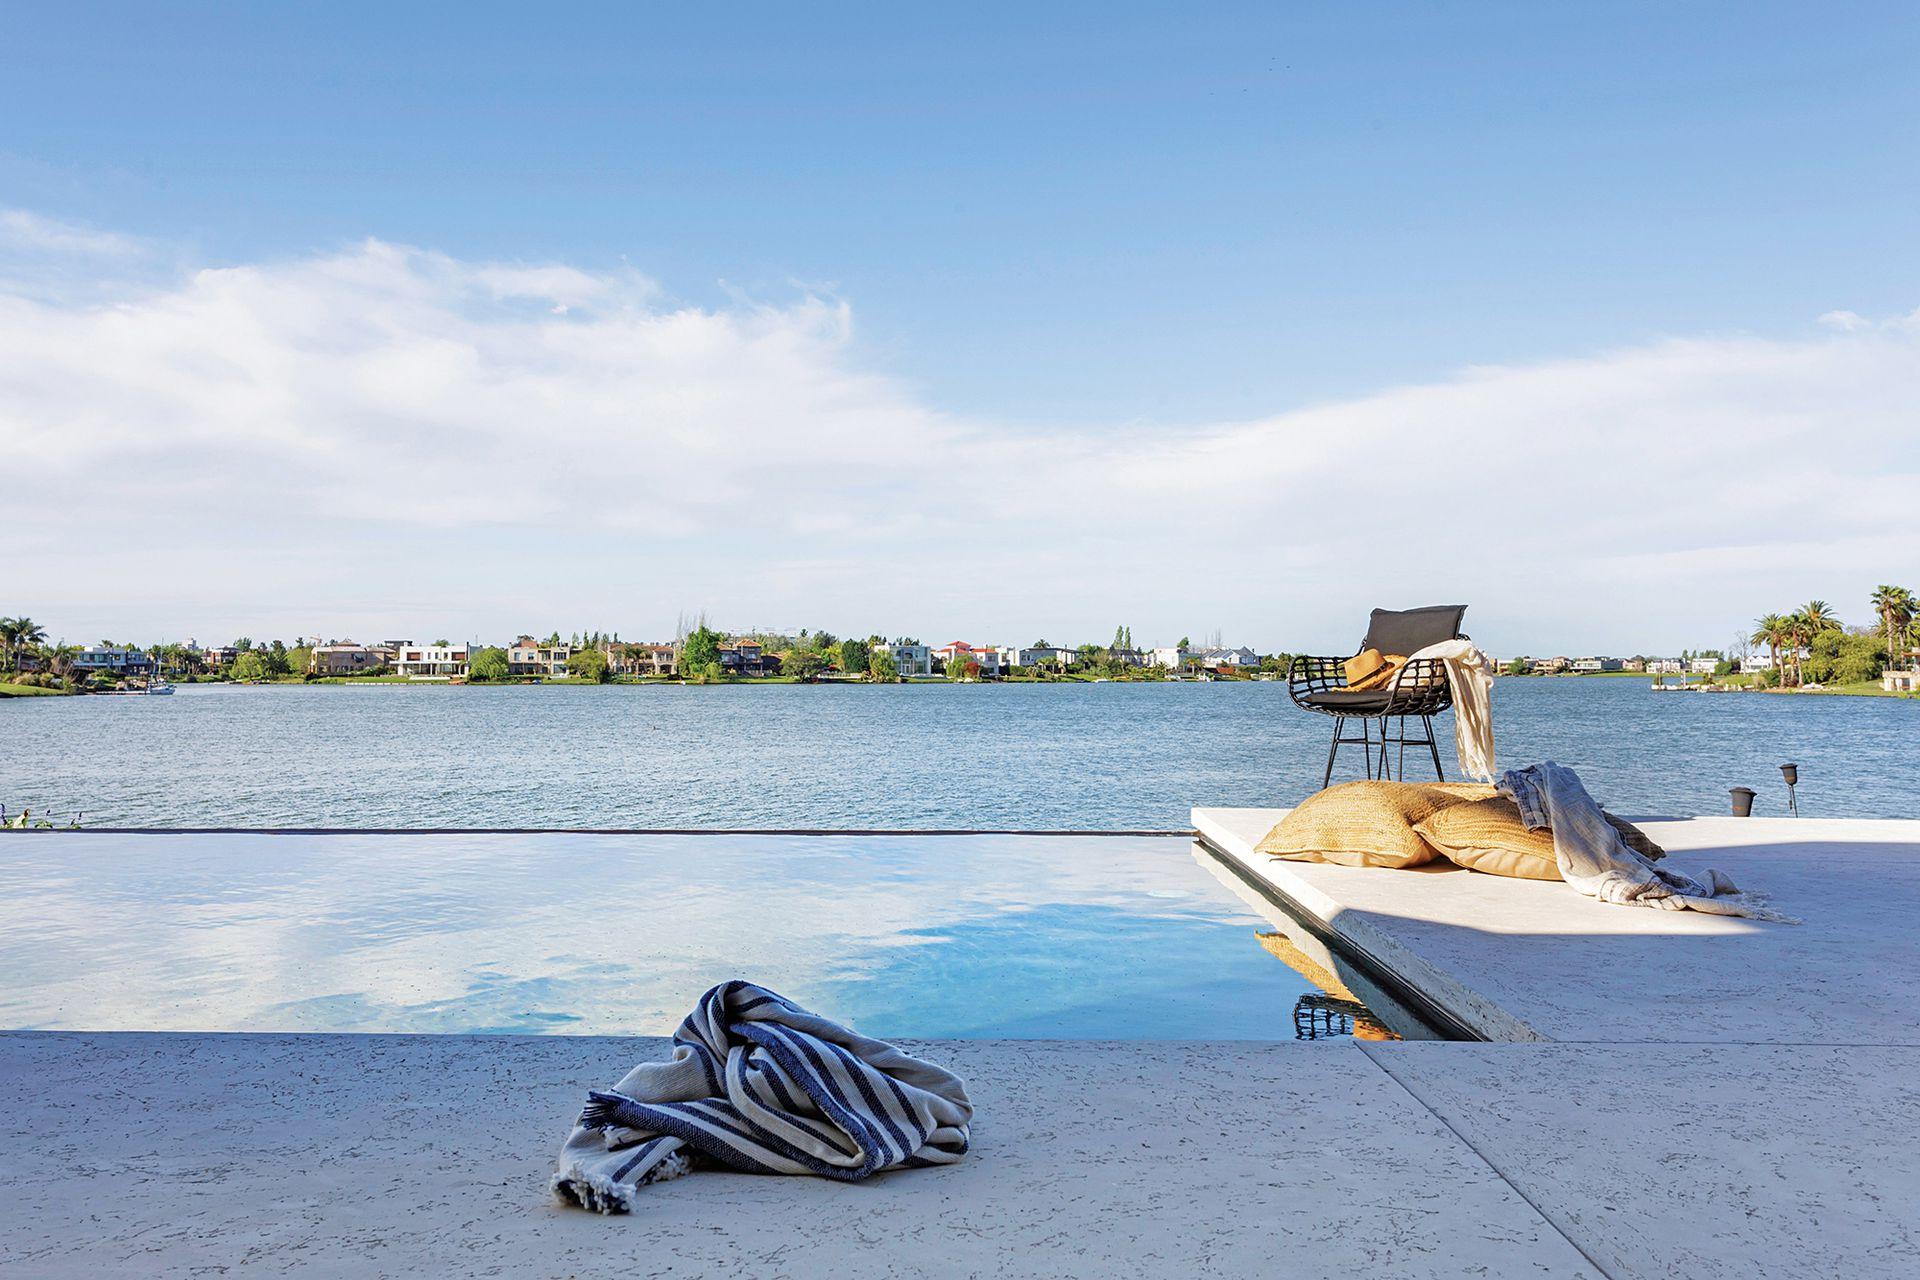 Más efectos placenteros gracias a un diseño impecable: la piscina se confunde con la laguna.